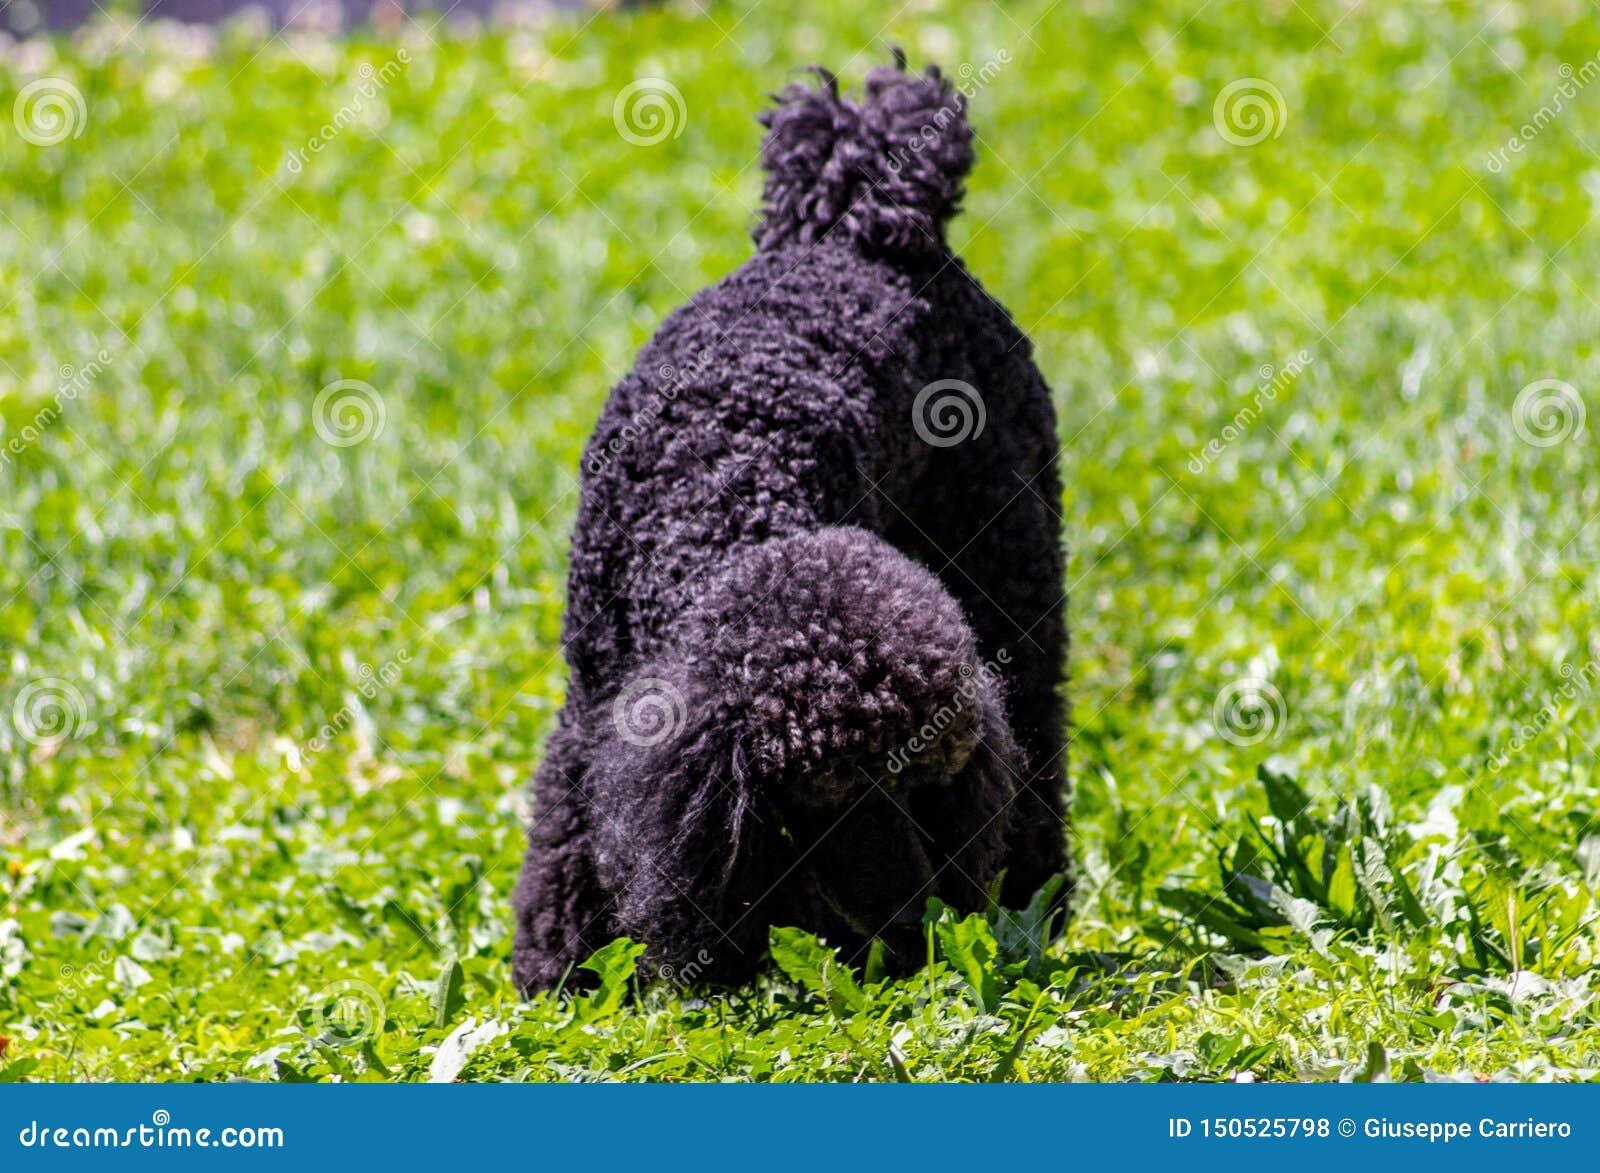 Slampan utmärkt har definierat ansikts- särdrag och är lätt distinguishable från någon annan hundavel: Huvudet är utmärkt defien